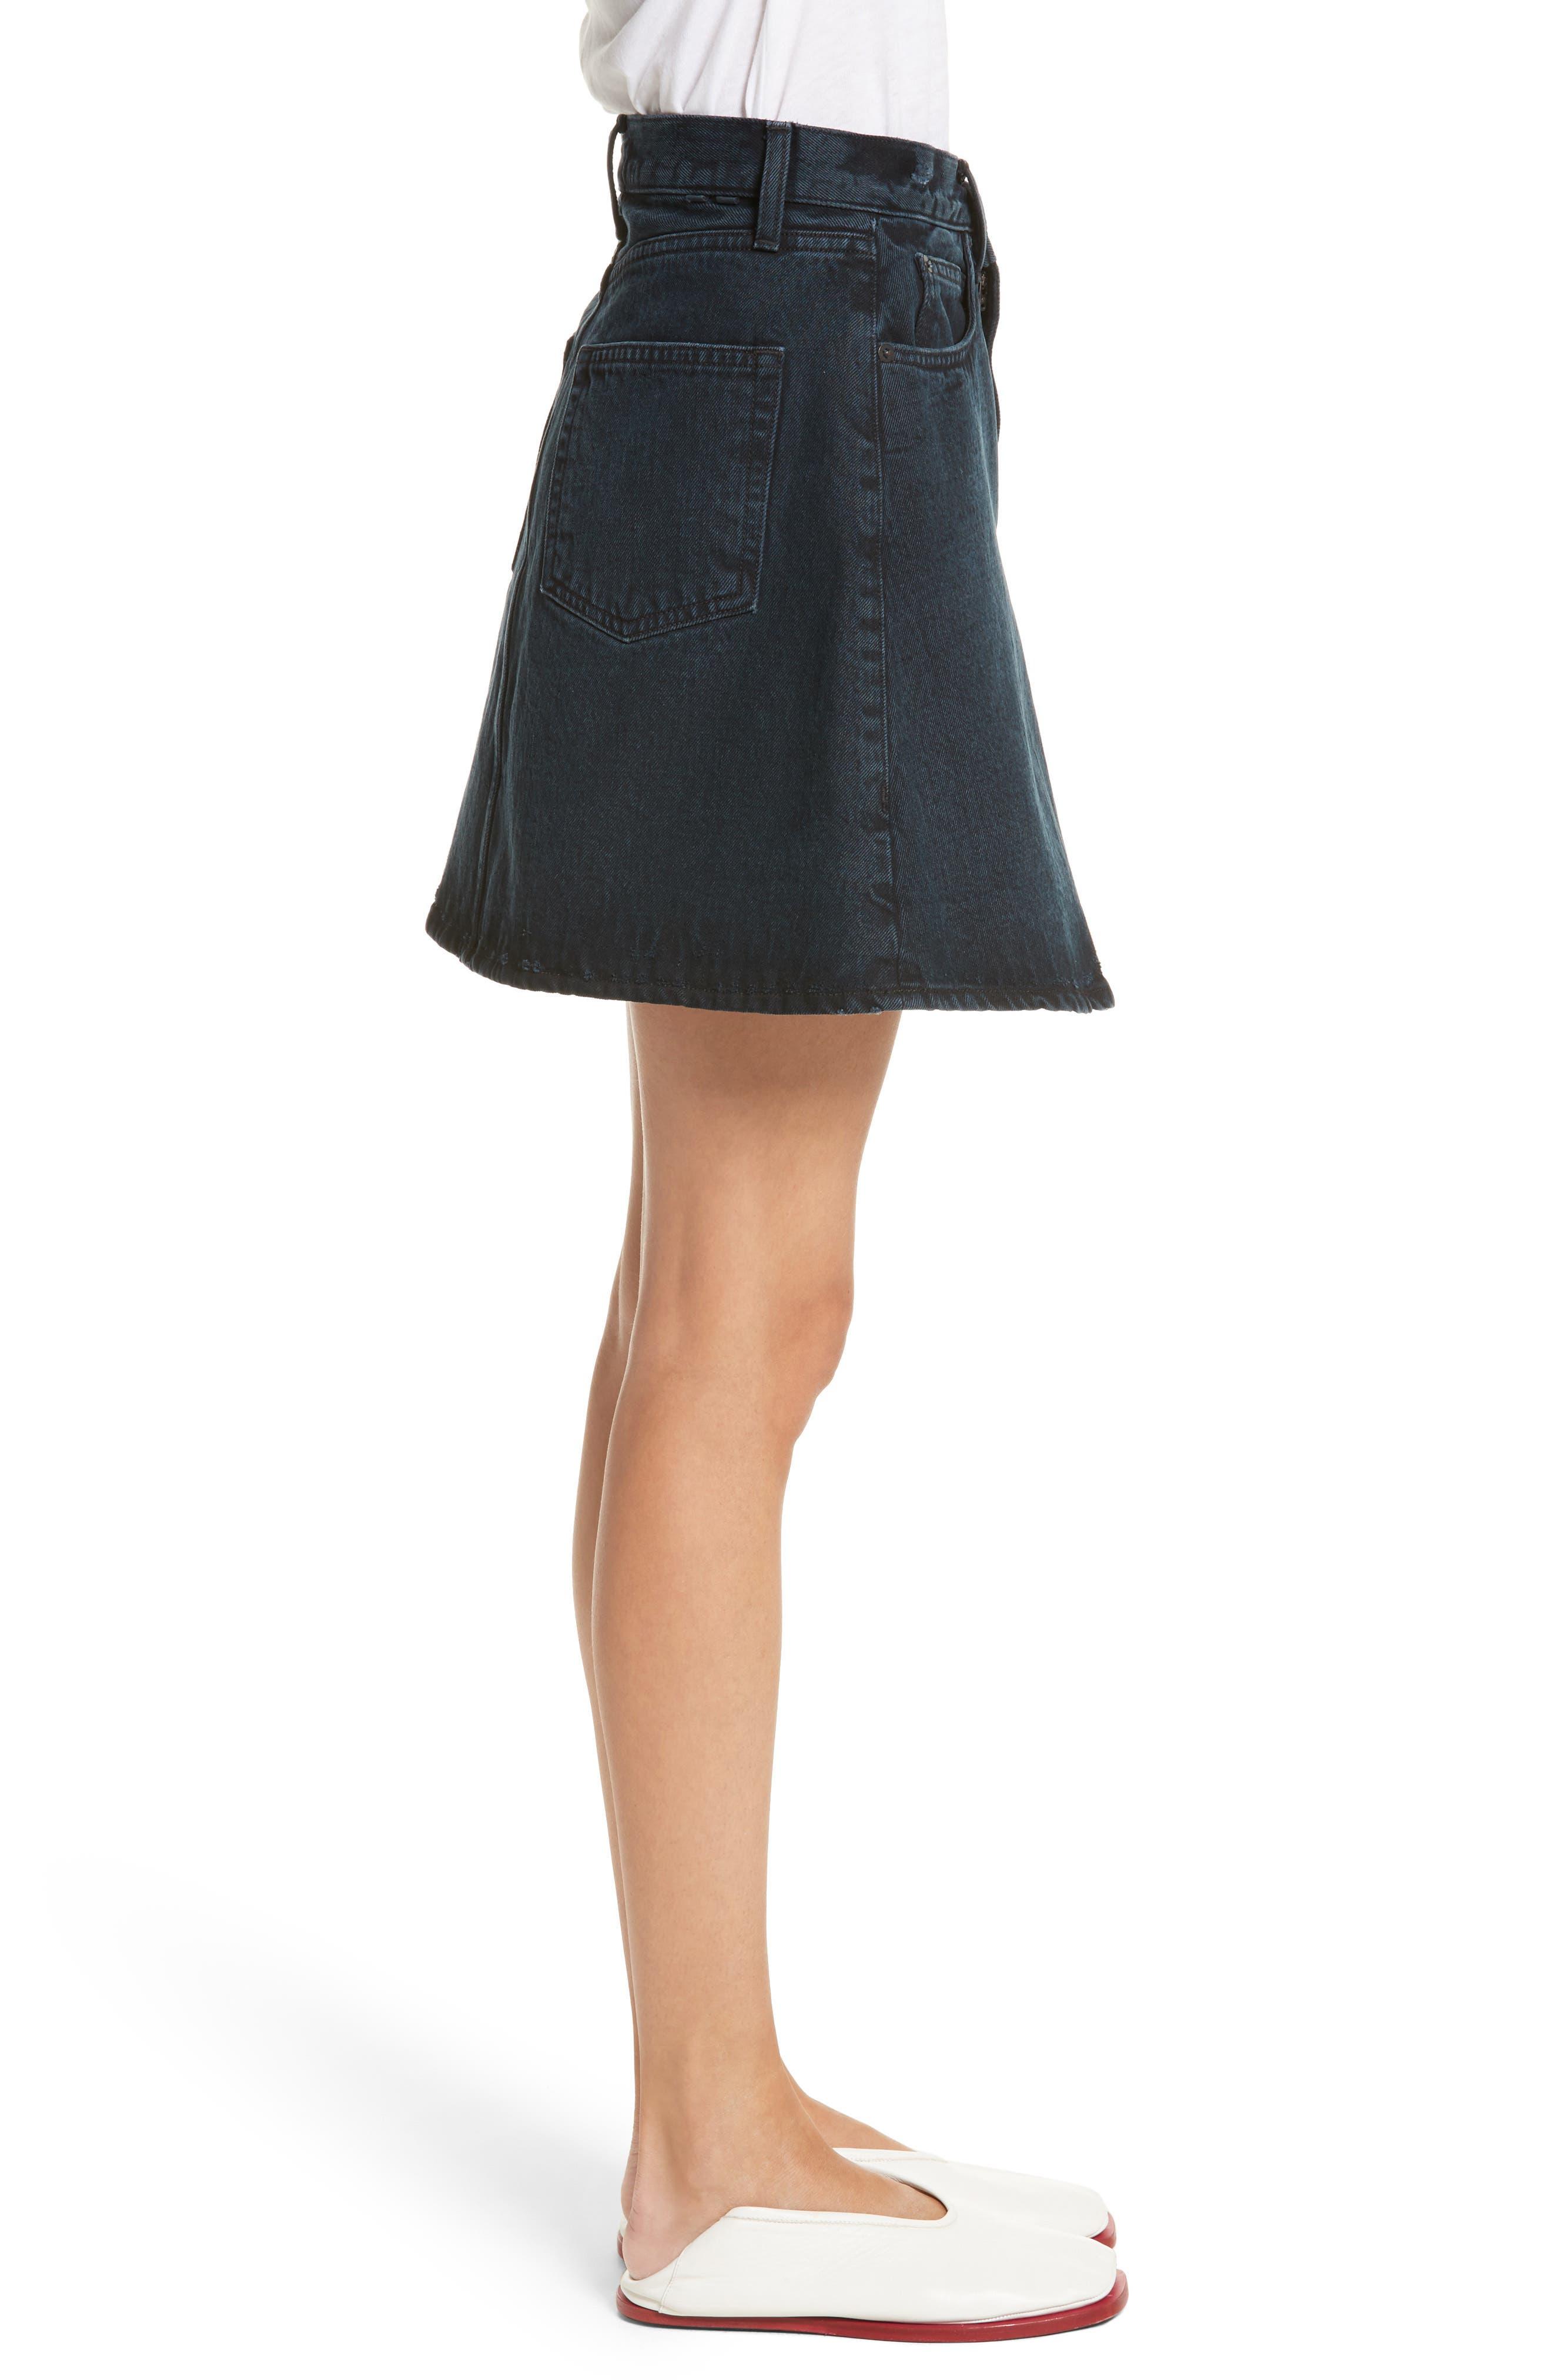 PSWL Folded Denim Skirt,                             Alternate thumbnail 3, color,